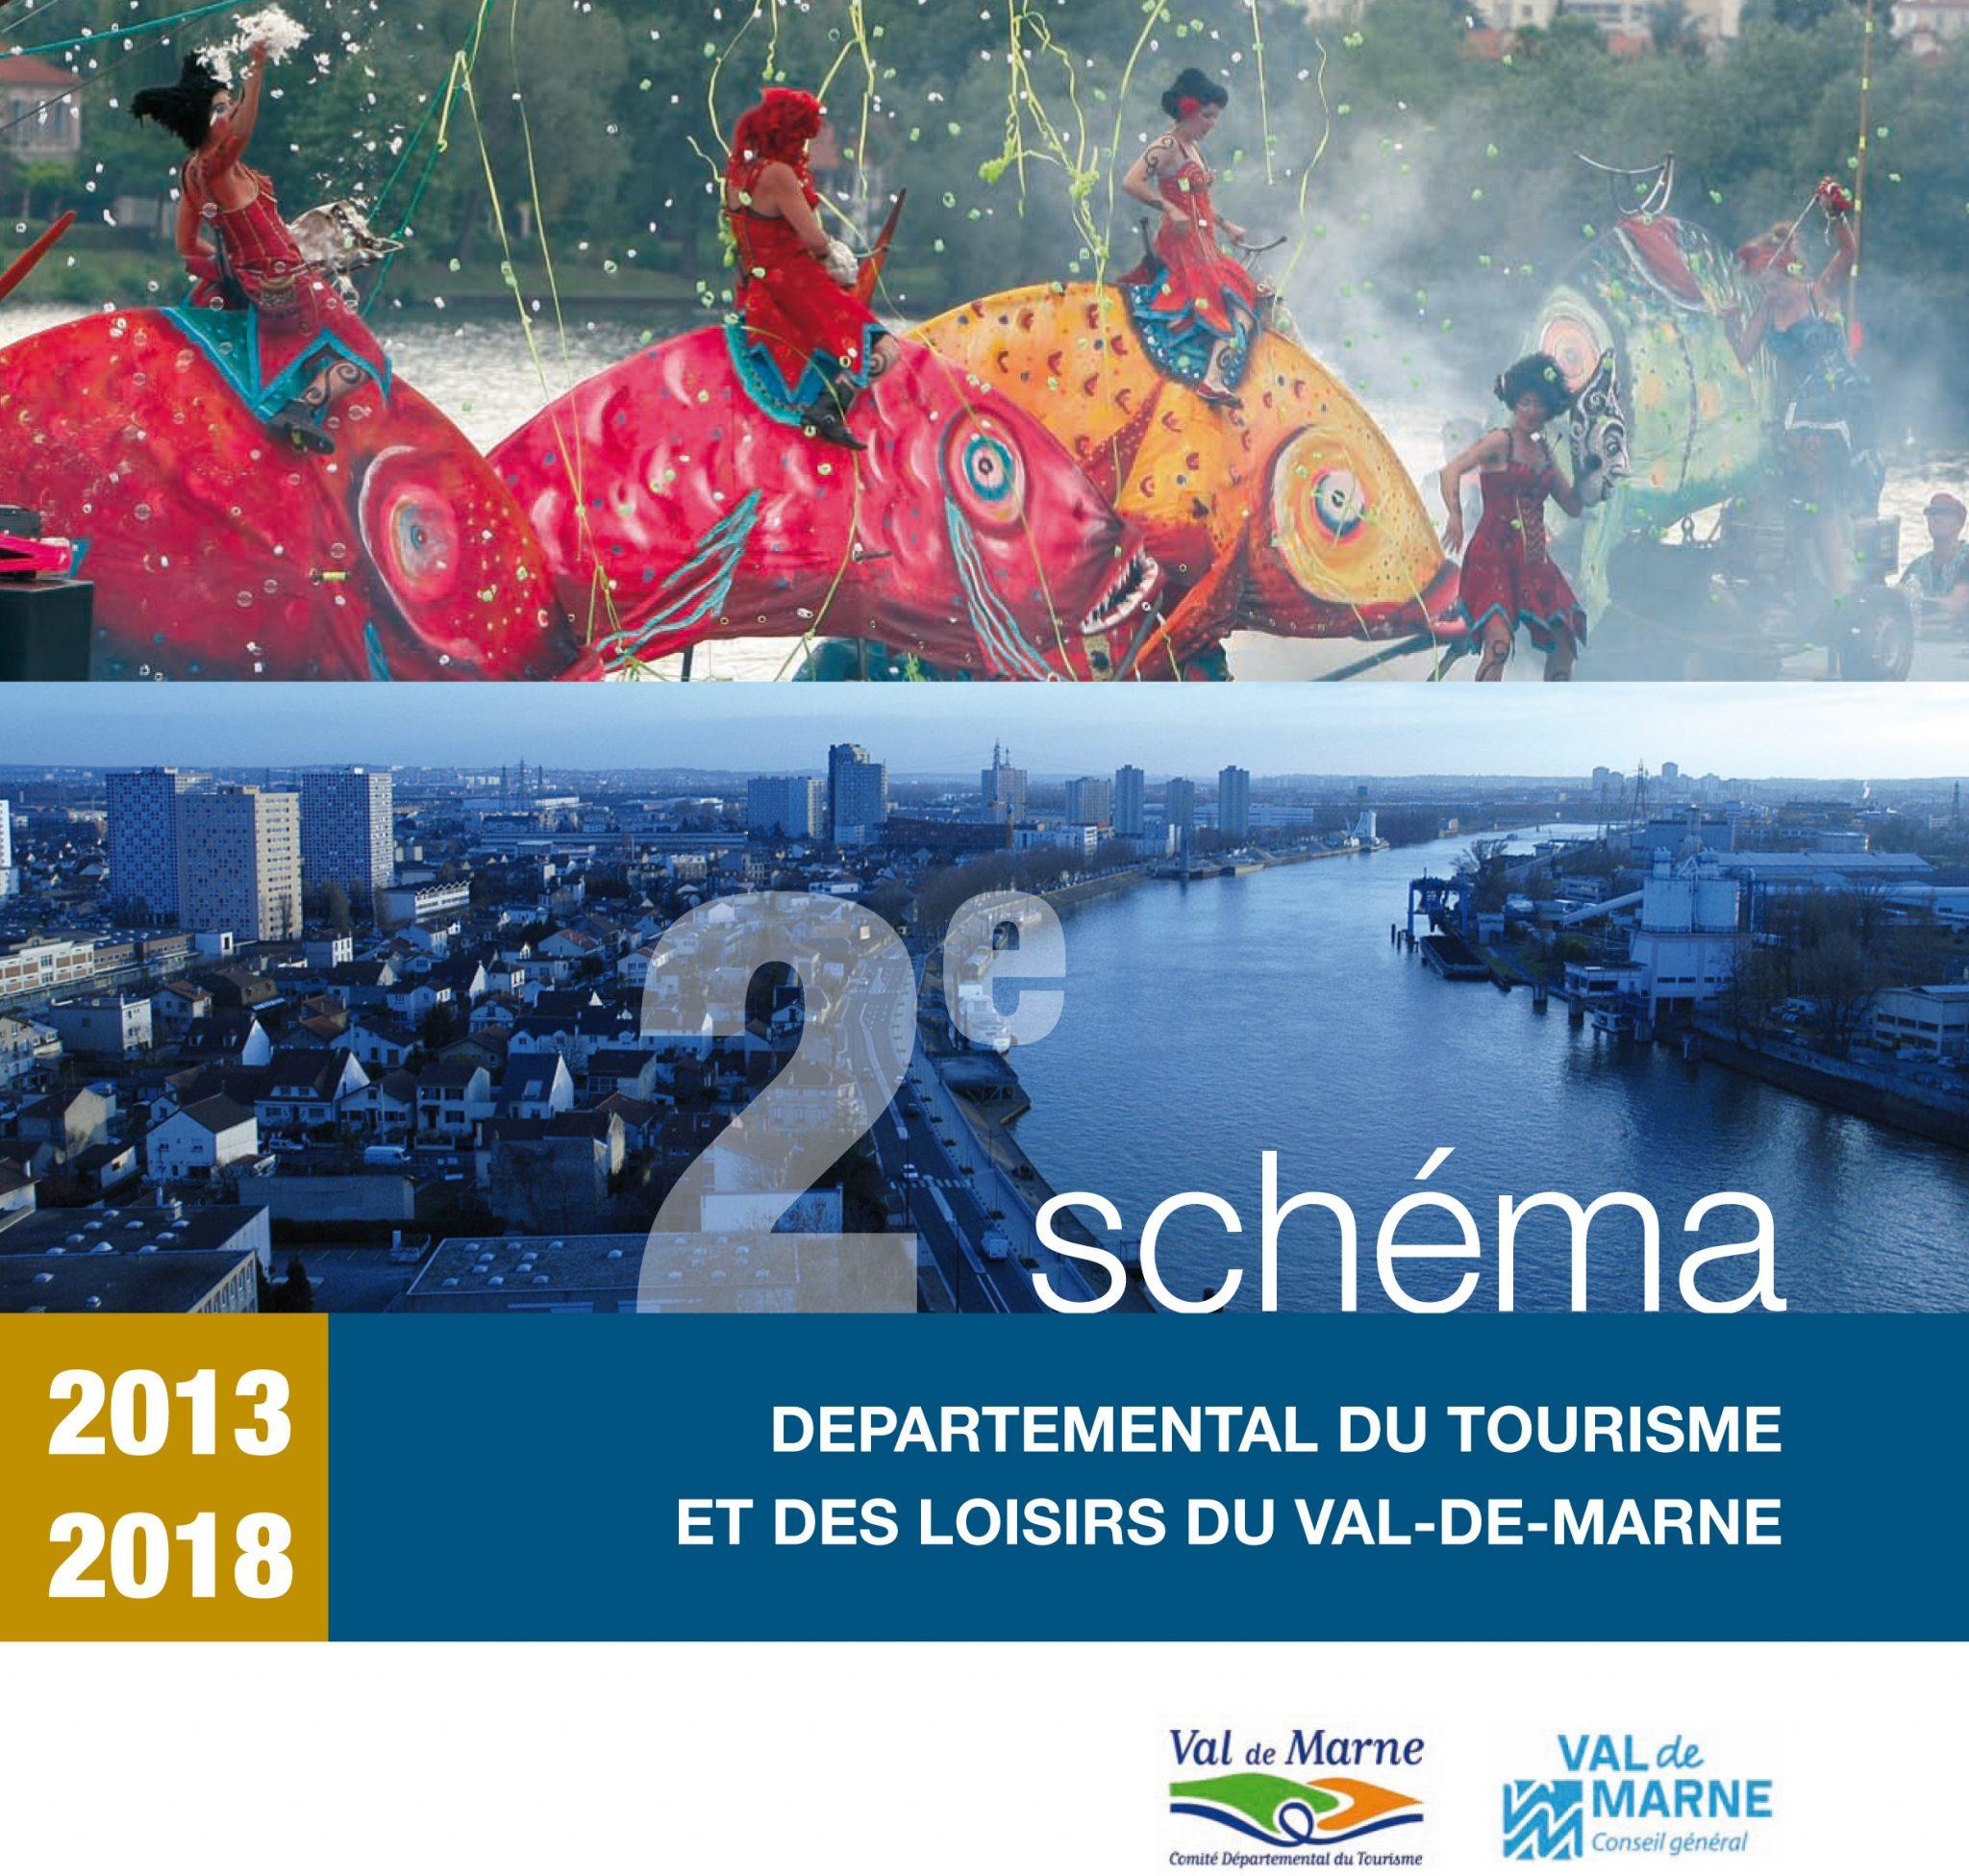 Schéma départemental du tourisme et des loisirs du Val-de-Marne